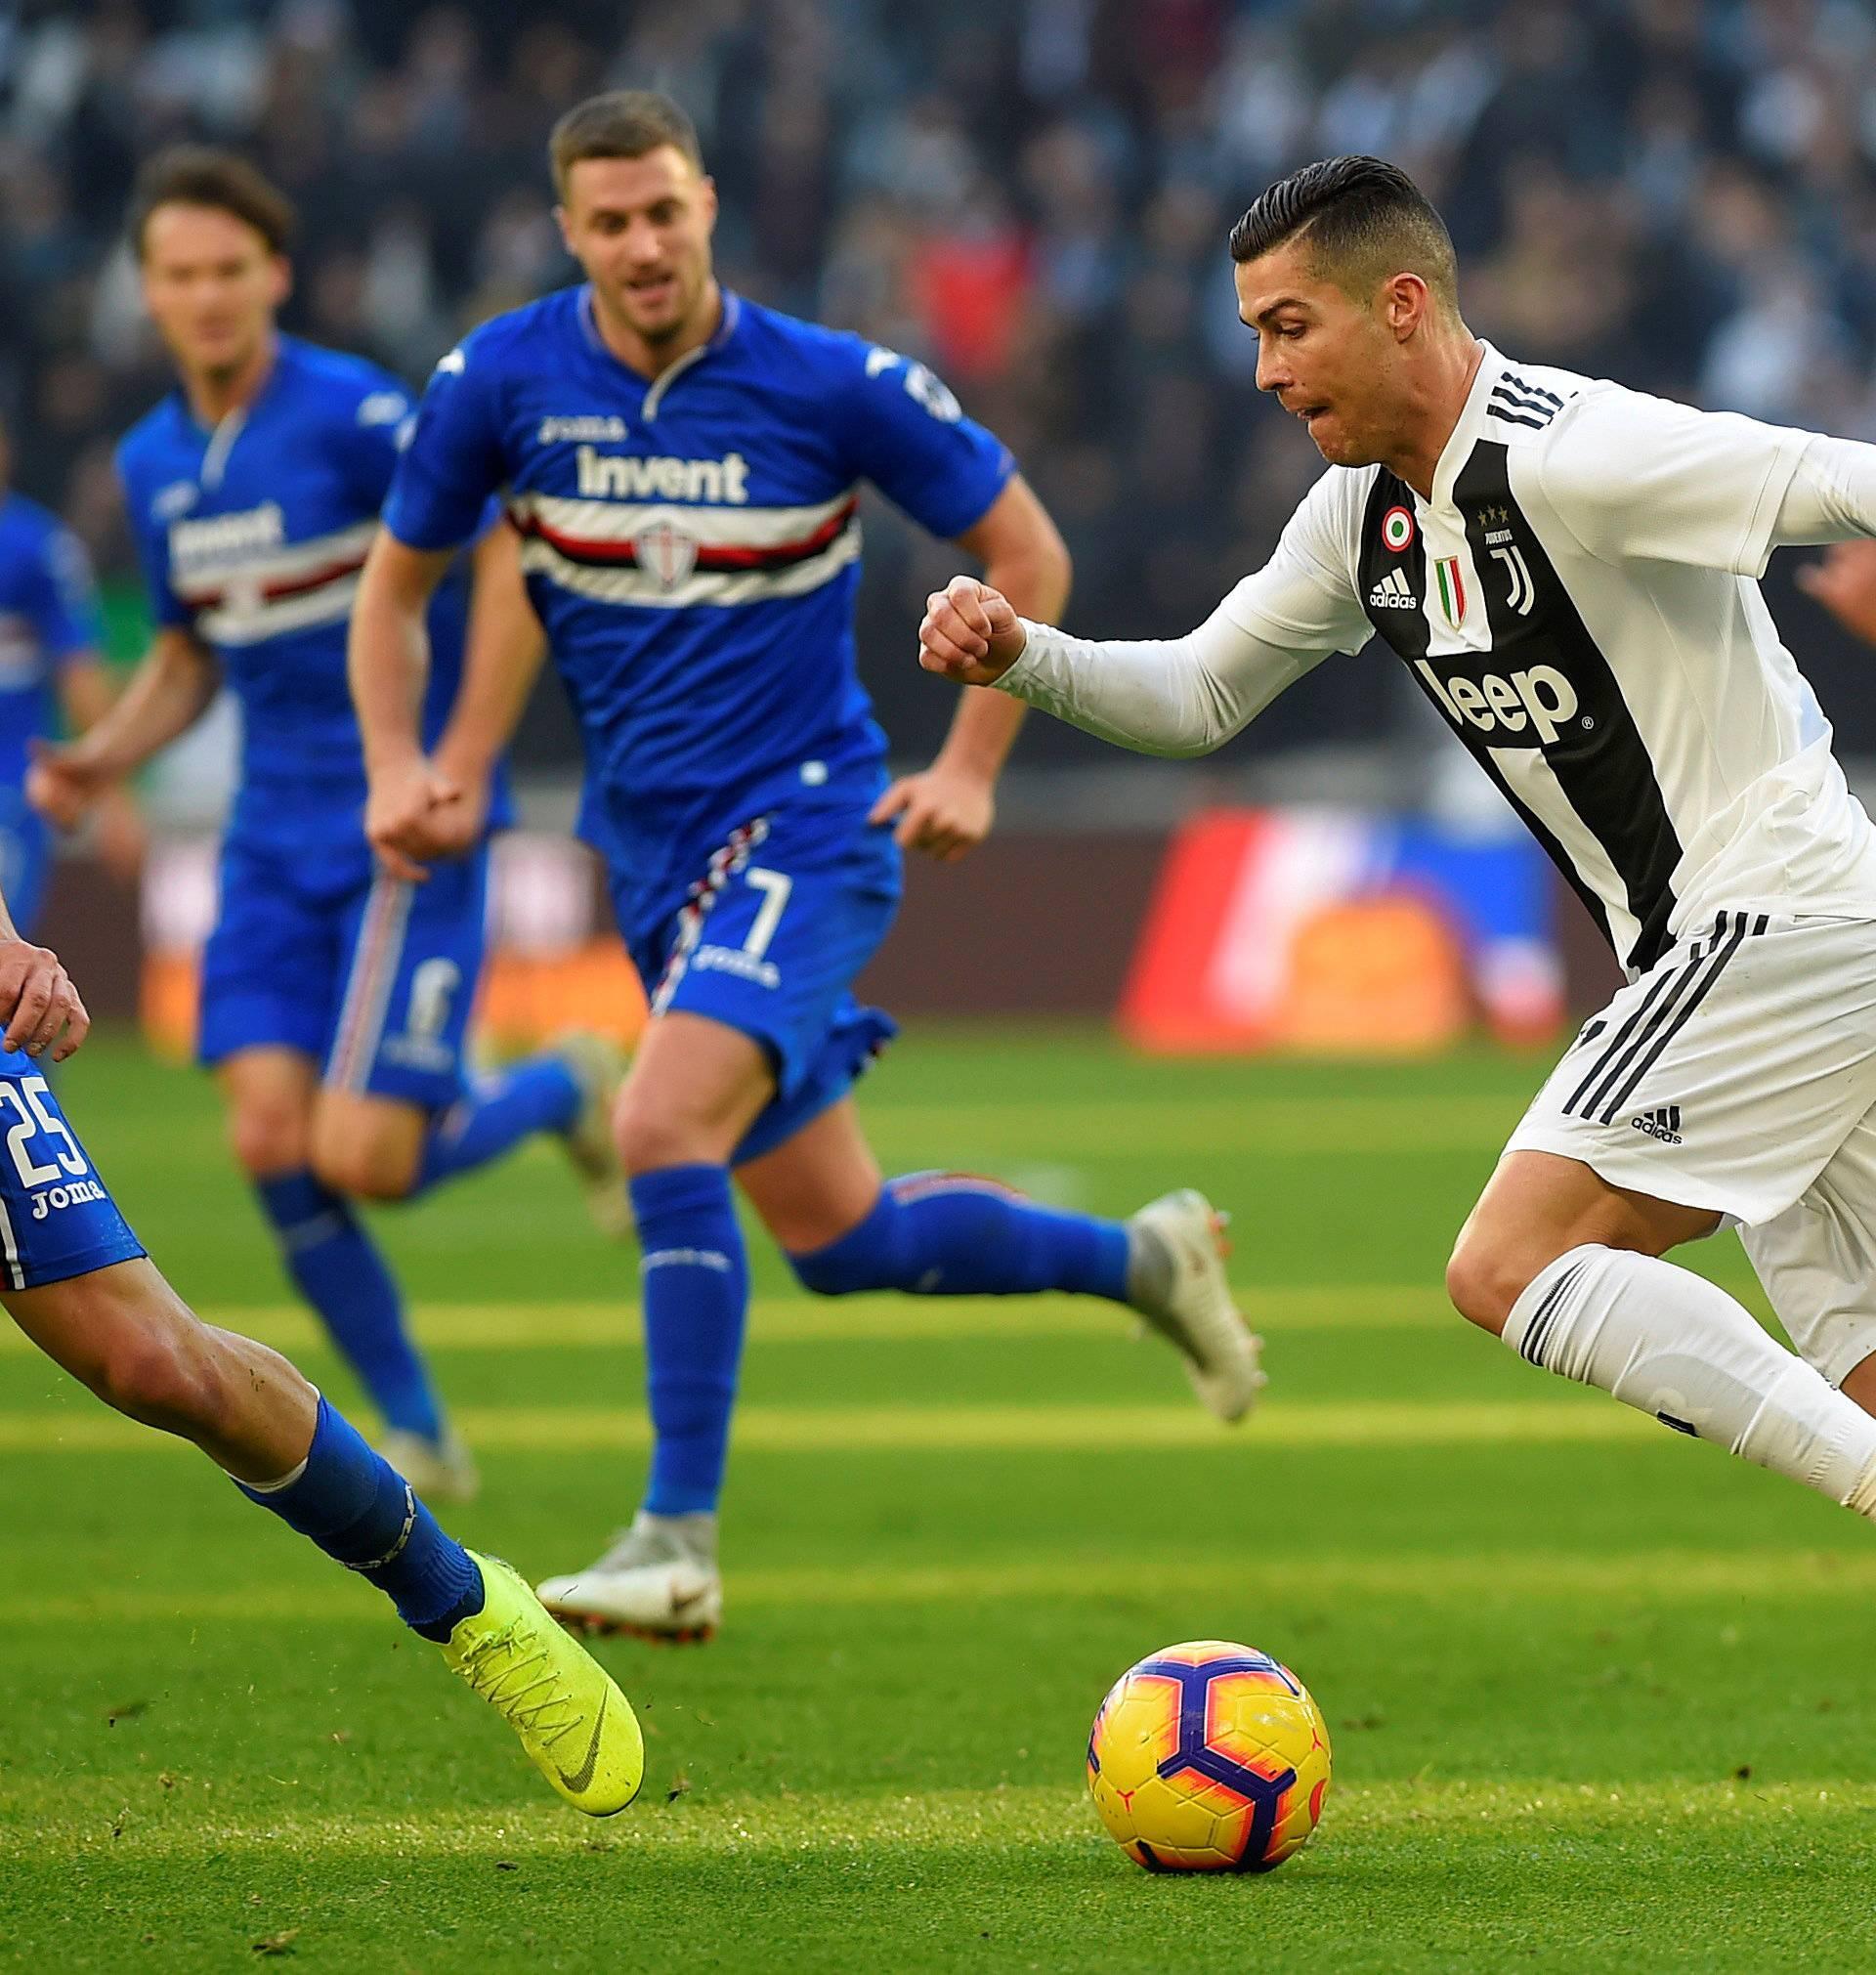 Serie A - Juventus v Sampdoria